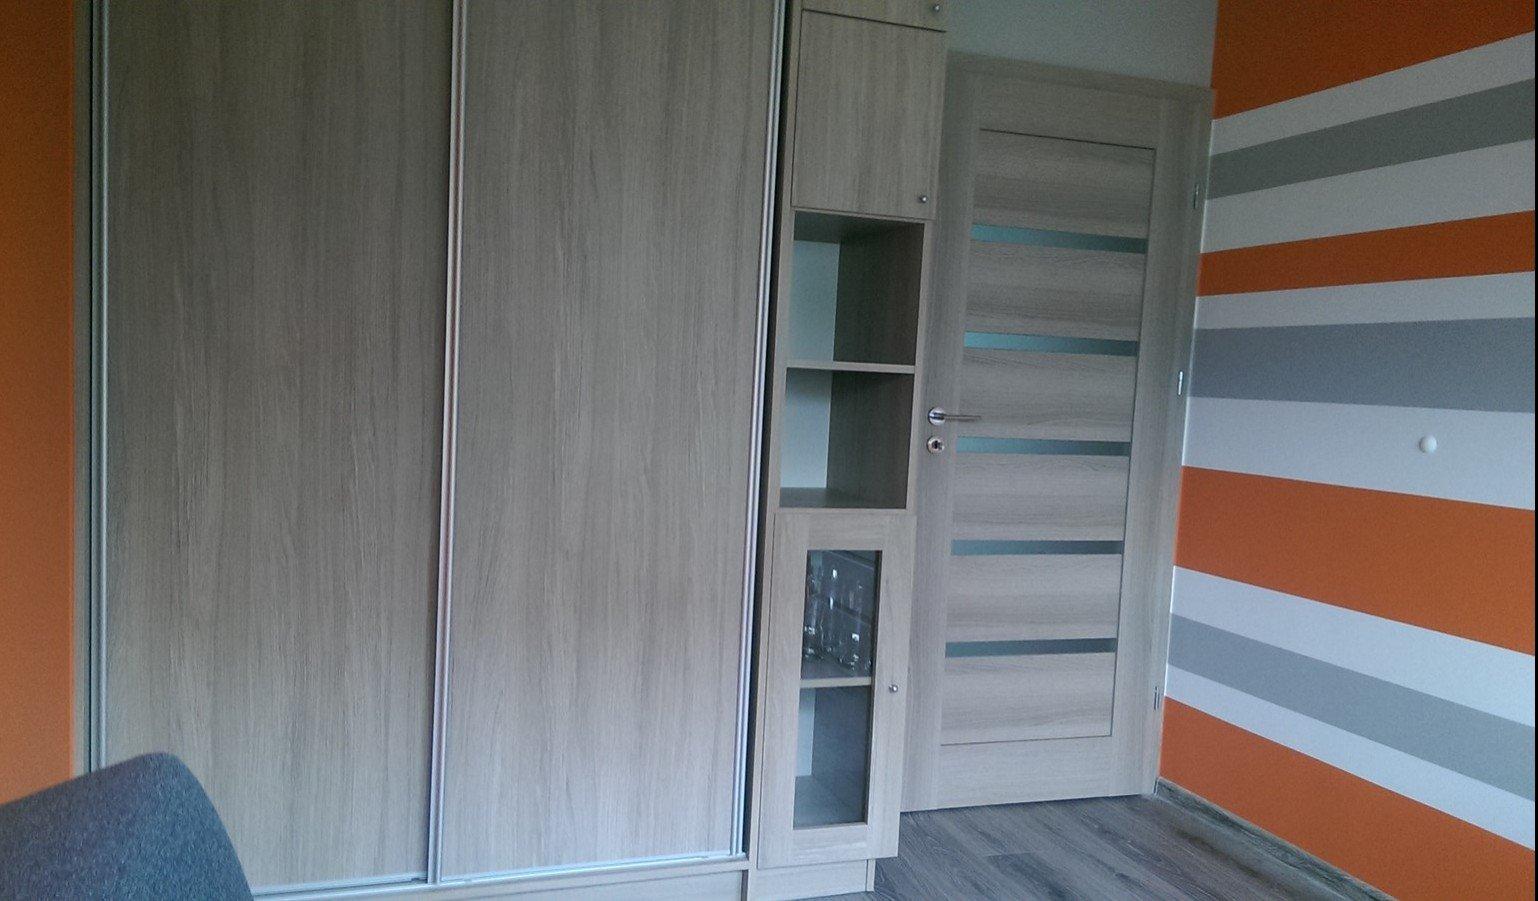 Быстрый ремонт в 42-метровой квартире12